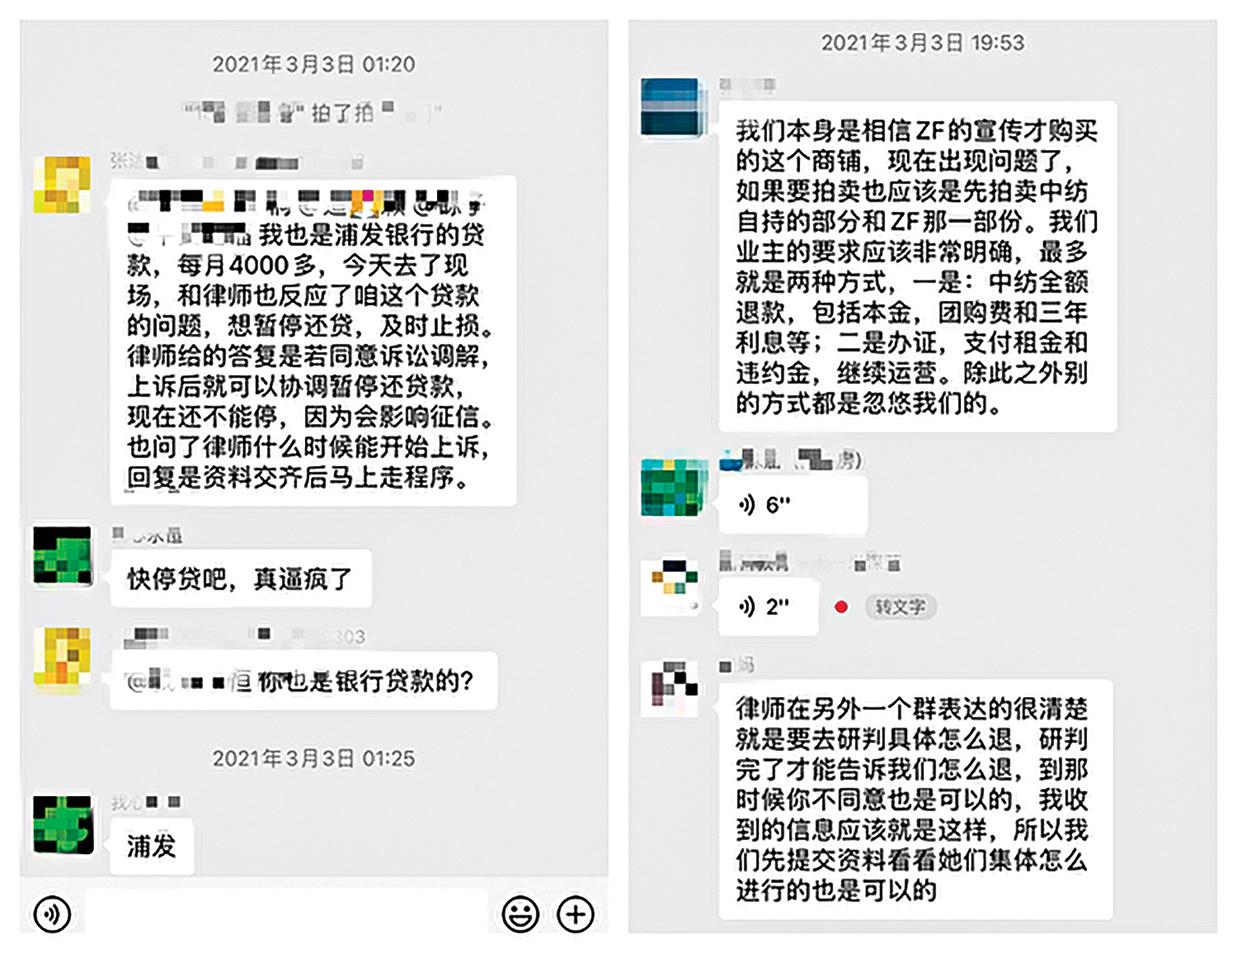 即墨中紡服裝城的業主們在網上相互溝通維權信息截圖。(受訪者提供)